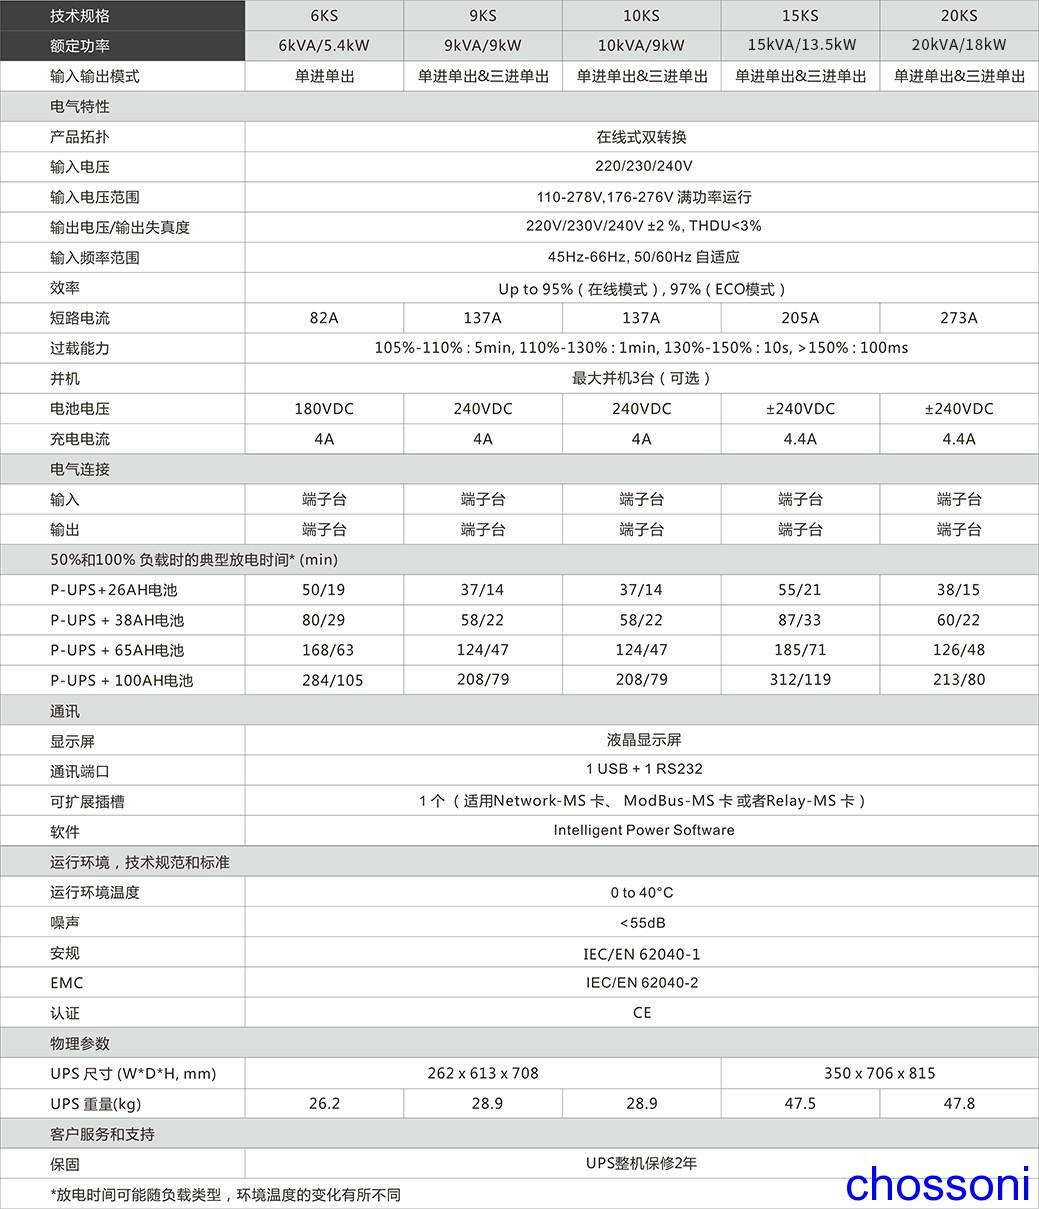 P6-20K UPS.jpg